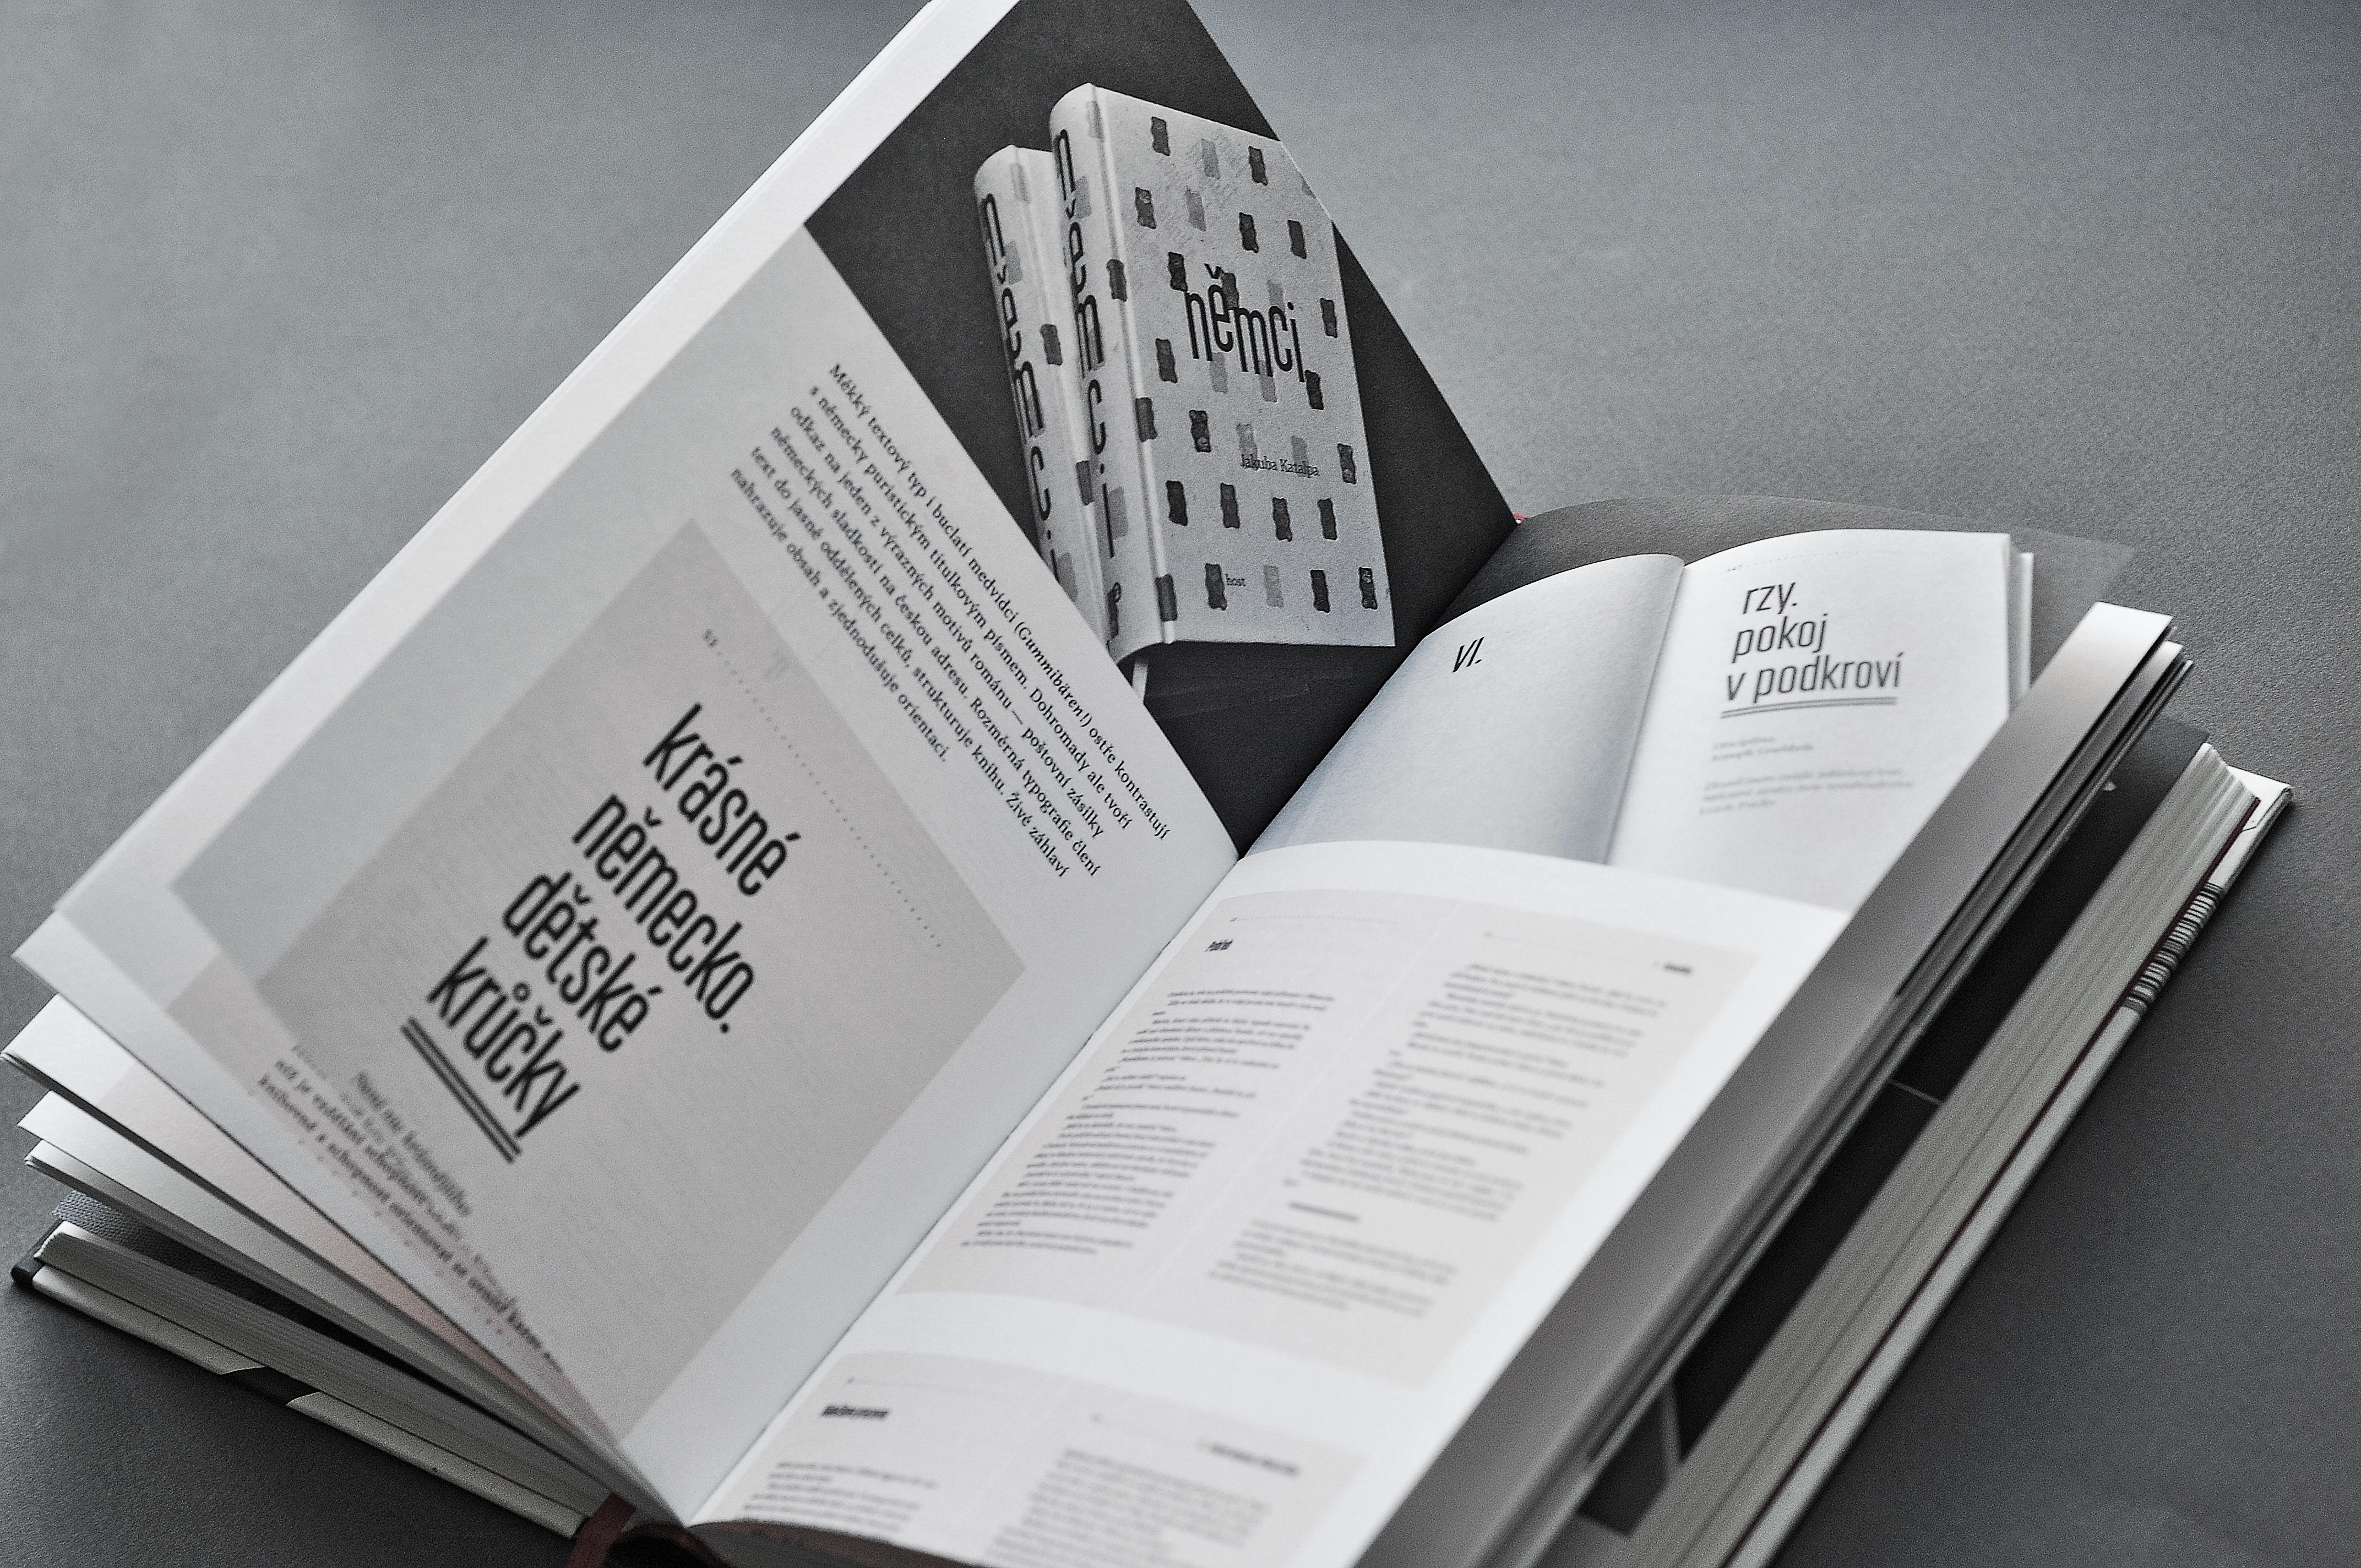 knihy-a-typografie_007